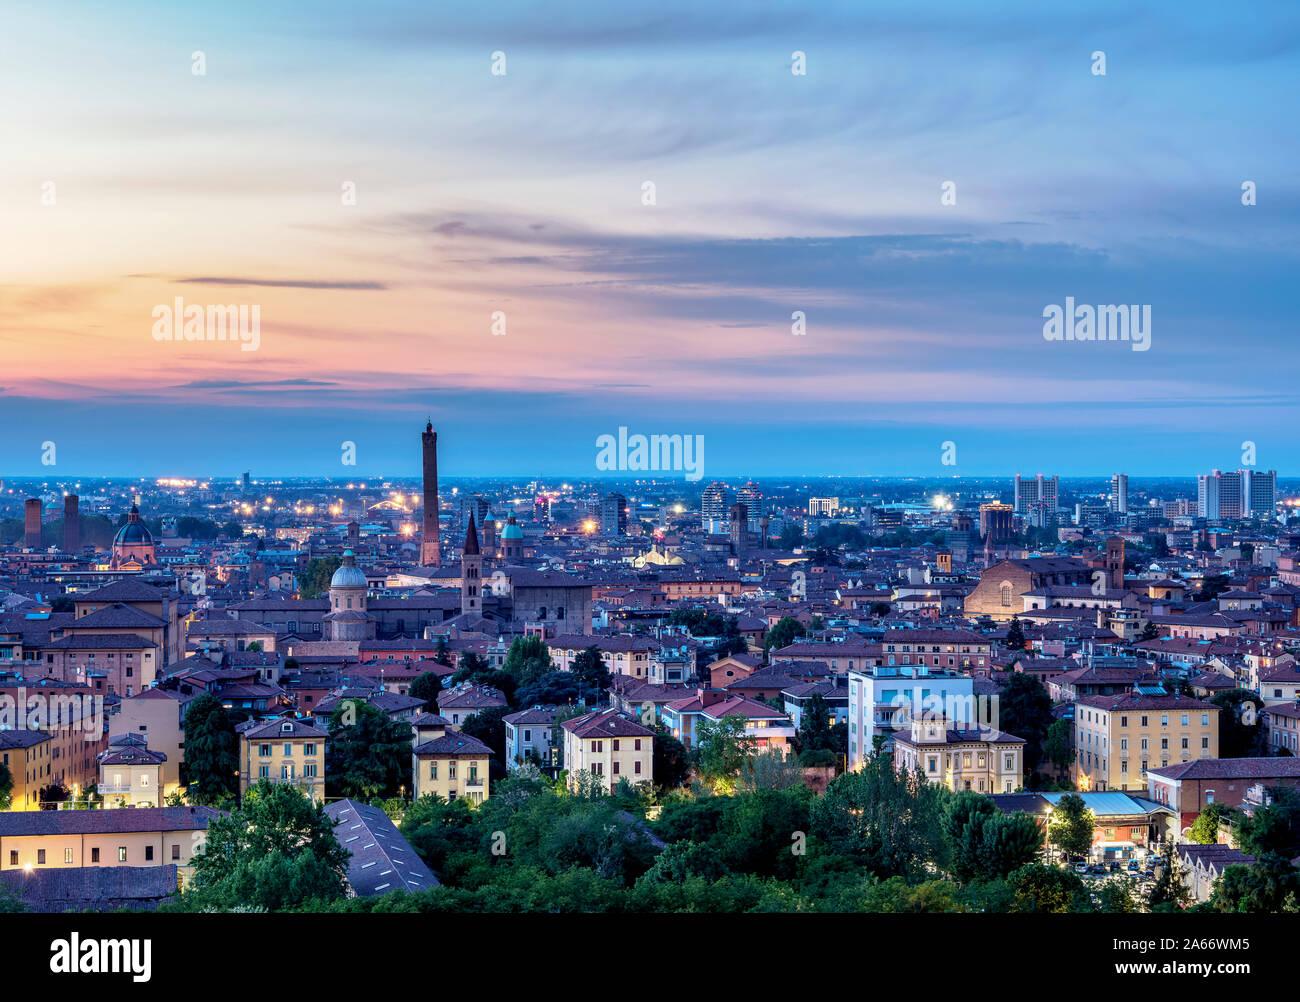 Paisaje urbano con la Basílica de San Domenico y la Torre Asinelli al atardecer, vista elevada, Bolonia, Emilia-Romaña, Italia Foto de stock